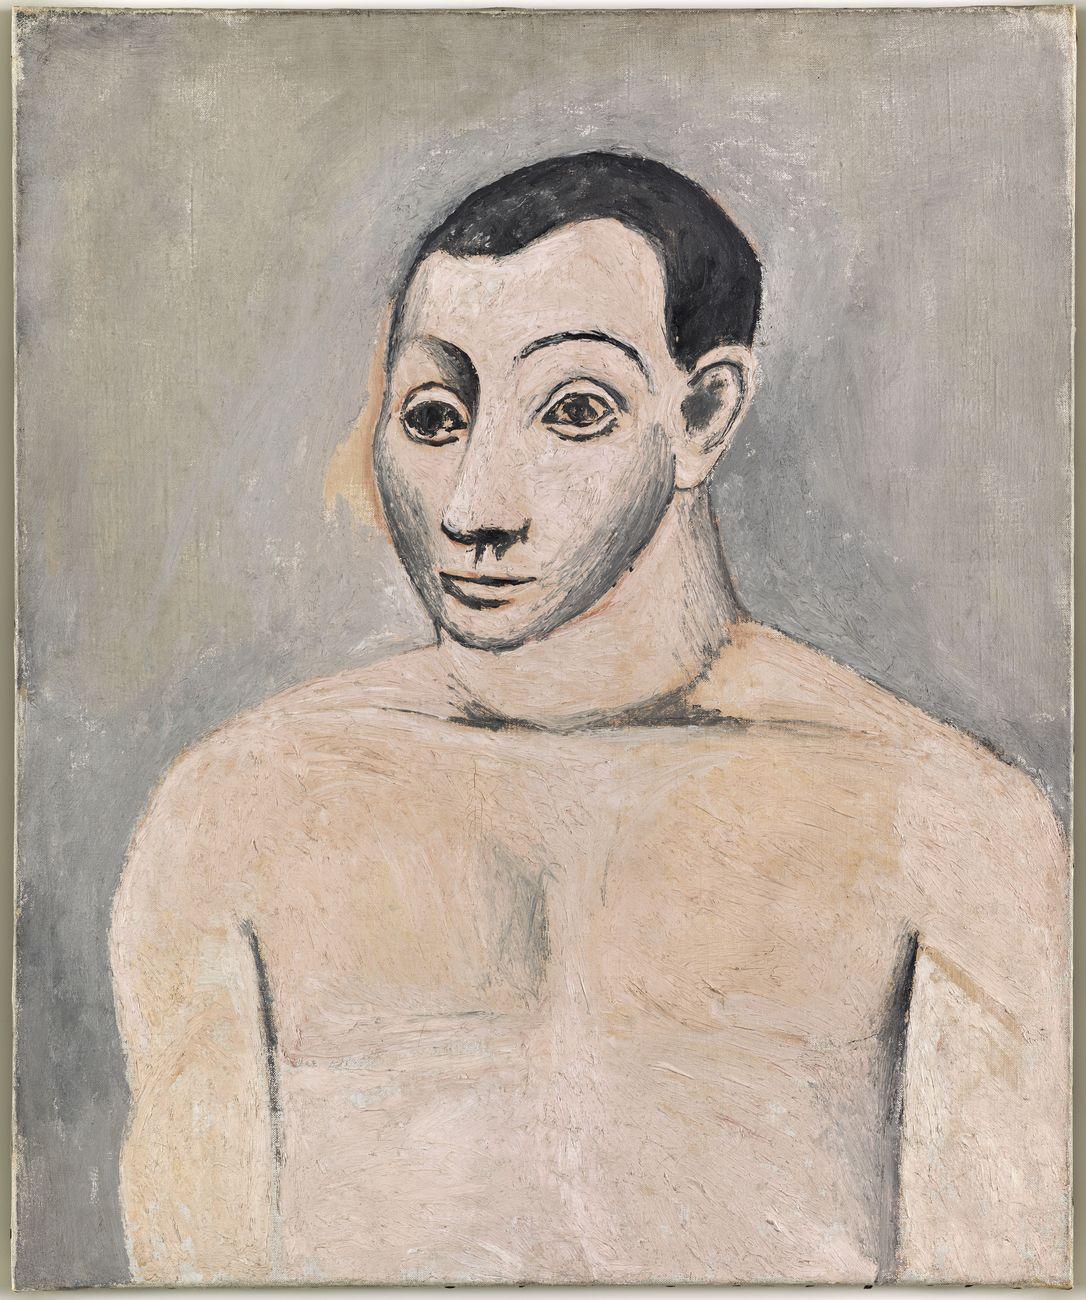 Pablo Picasso, Autoportrait, autunno 1906. Musée National Picasso Paris, Parigi © Succession Picasso, by SIAE 2017